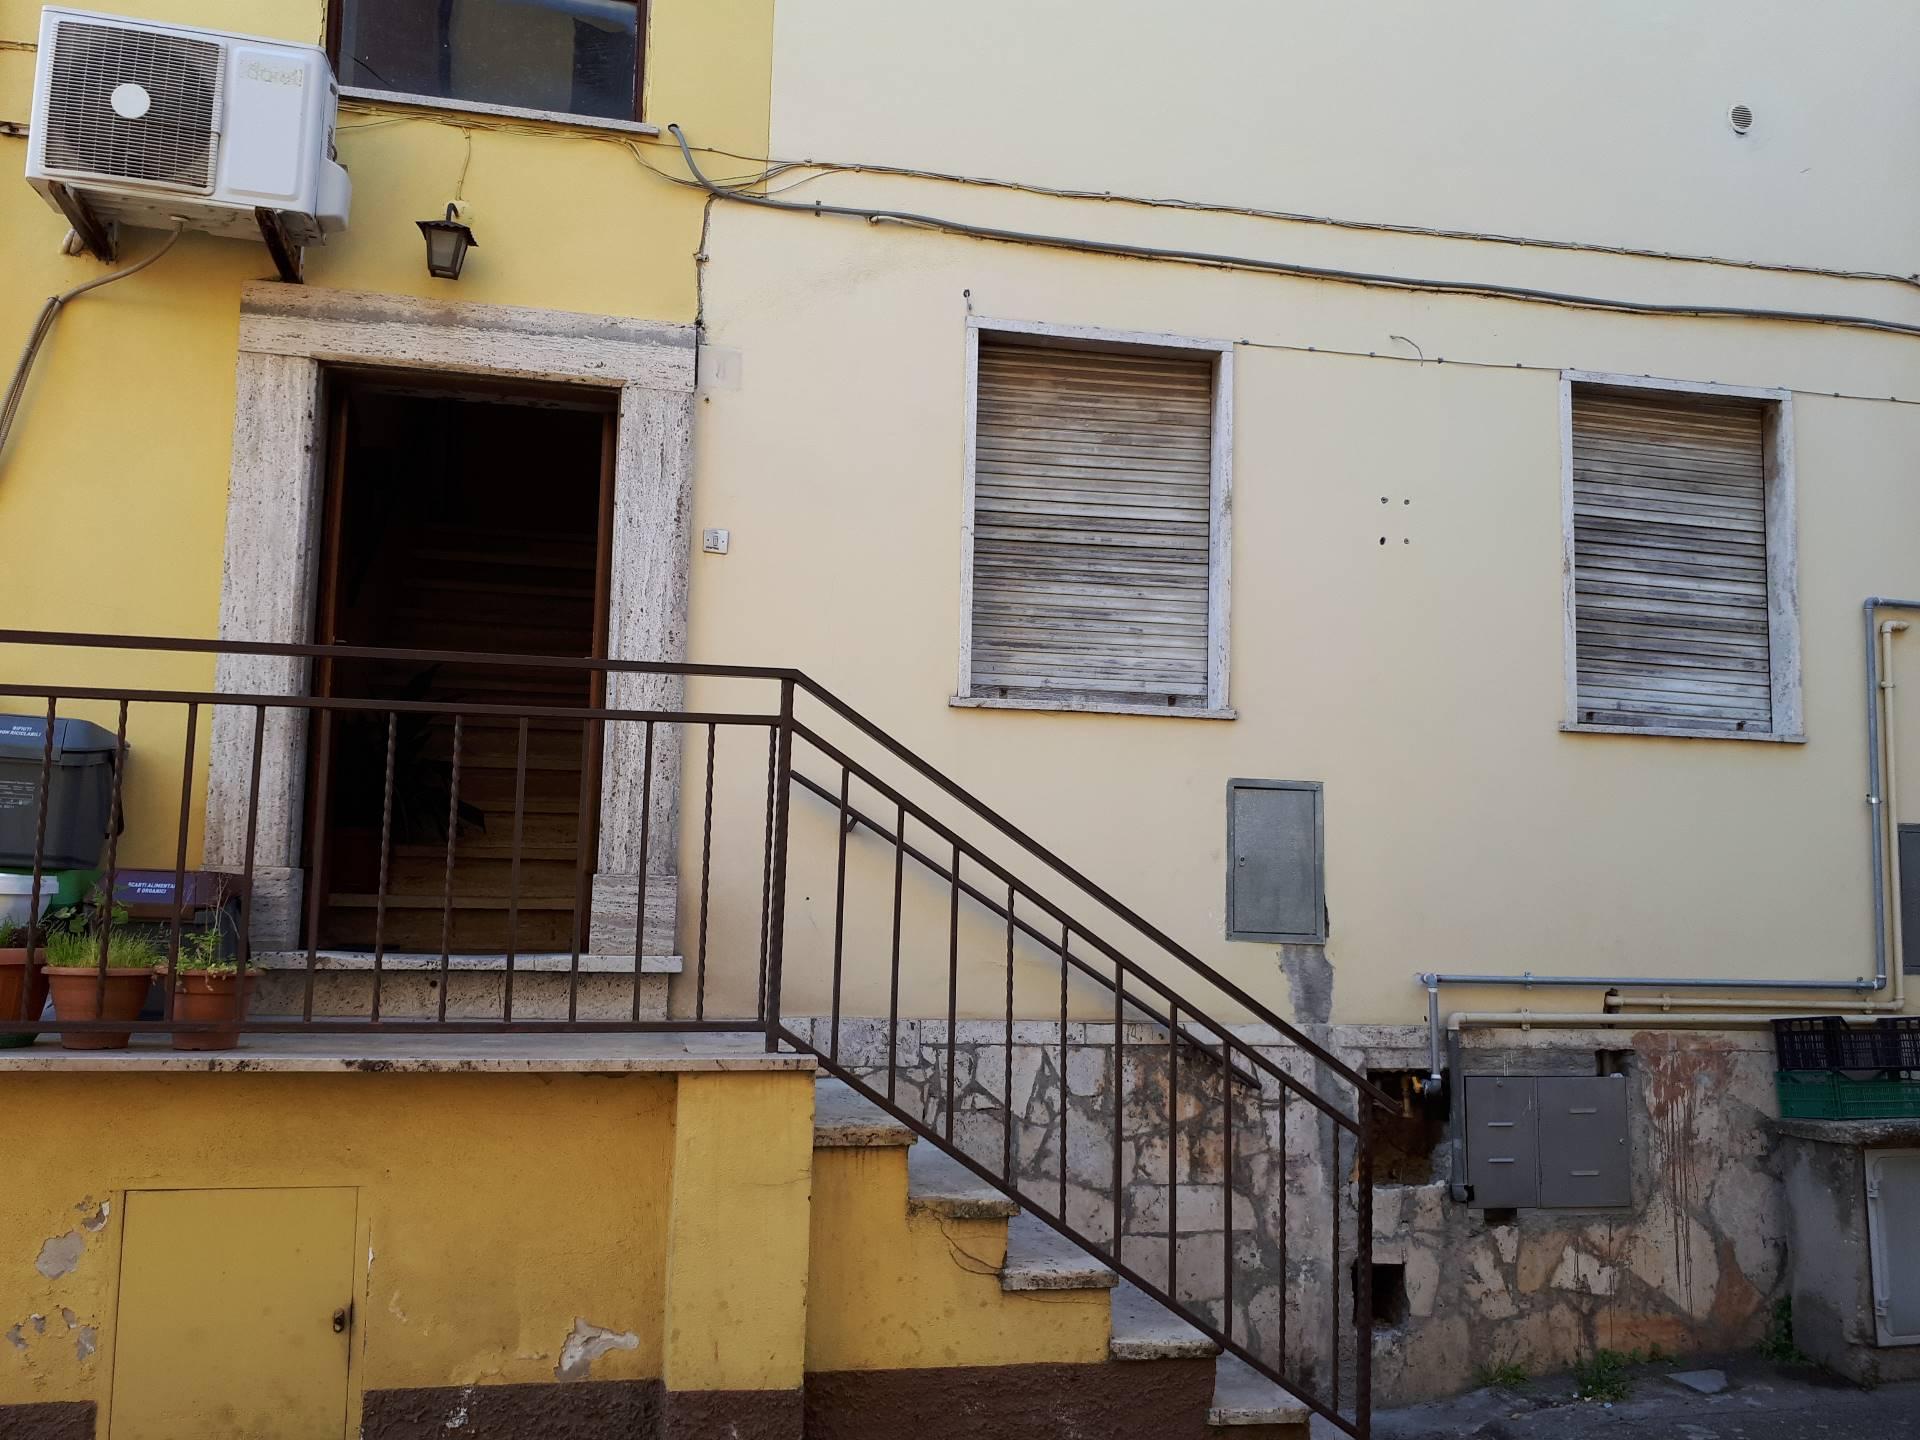 Appartamento in vendita a Montorio Romano, 4 locali, prezzo € 100.000 | CambioCasa.it